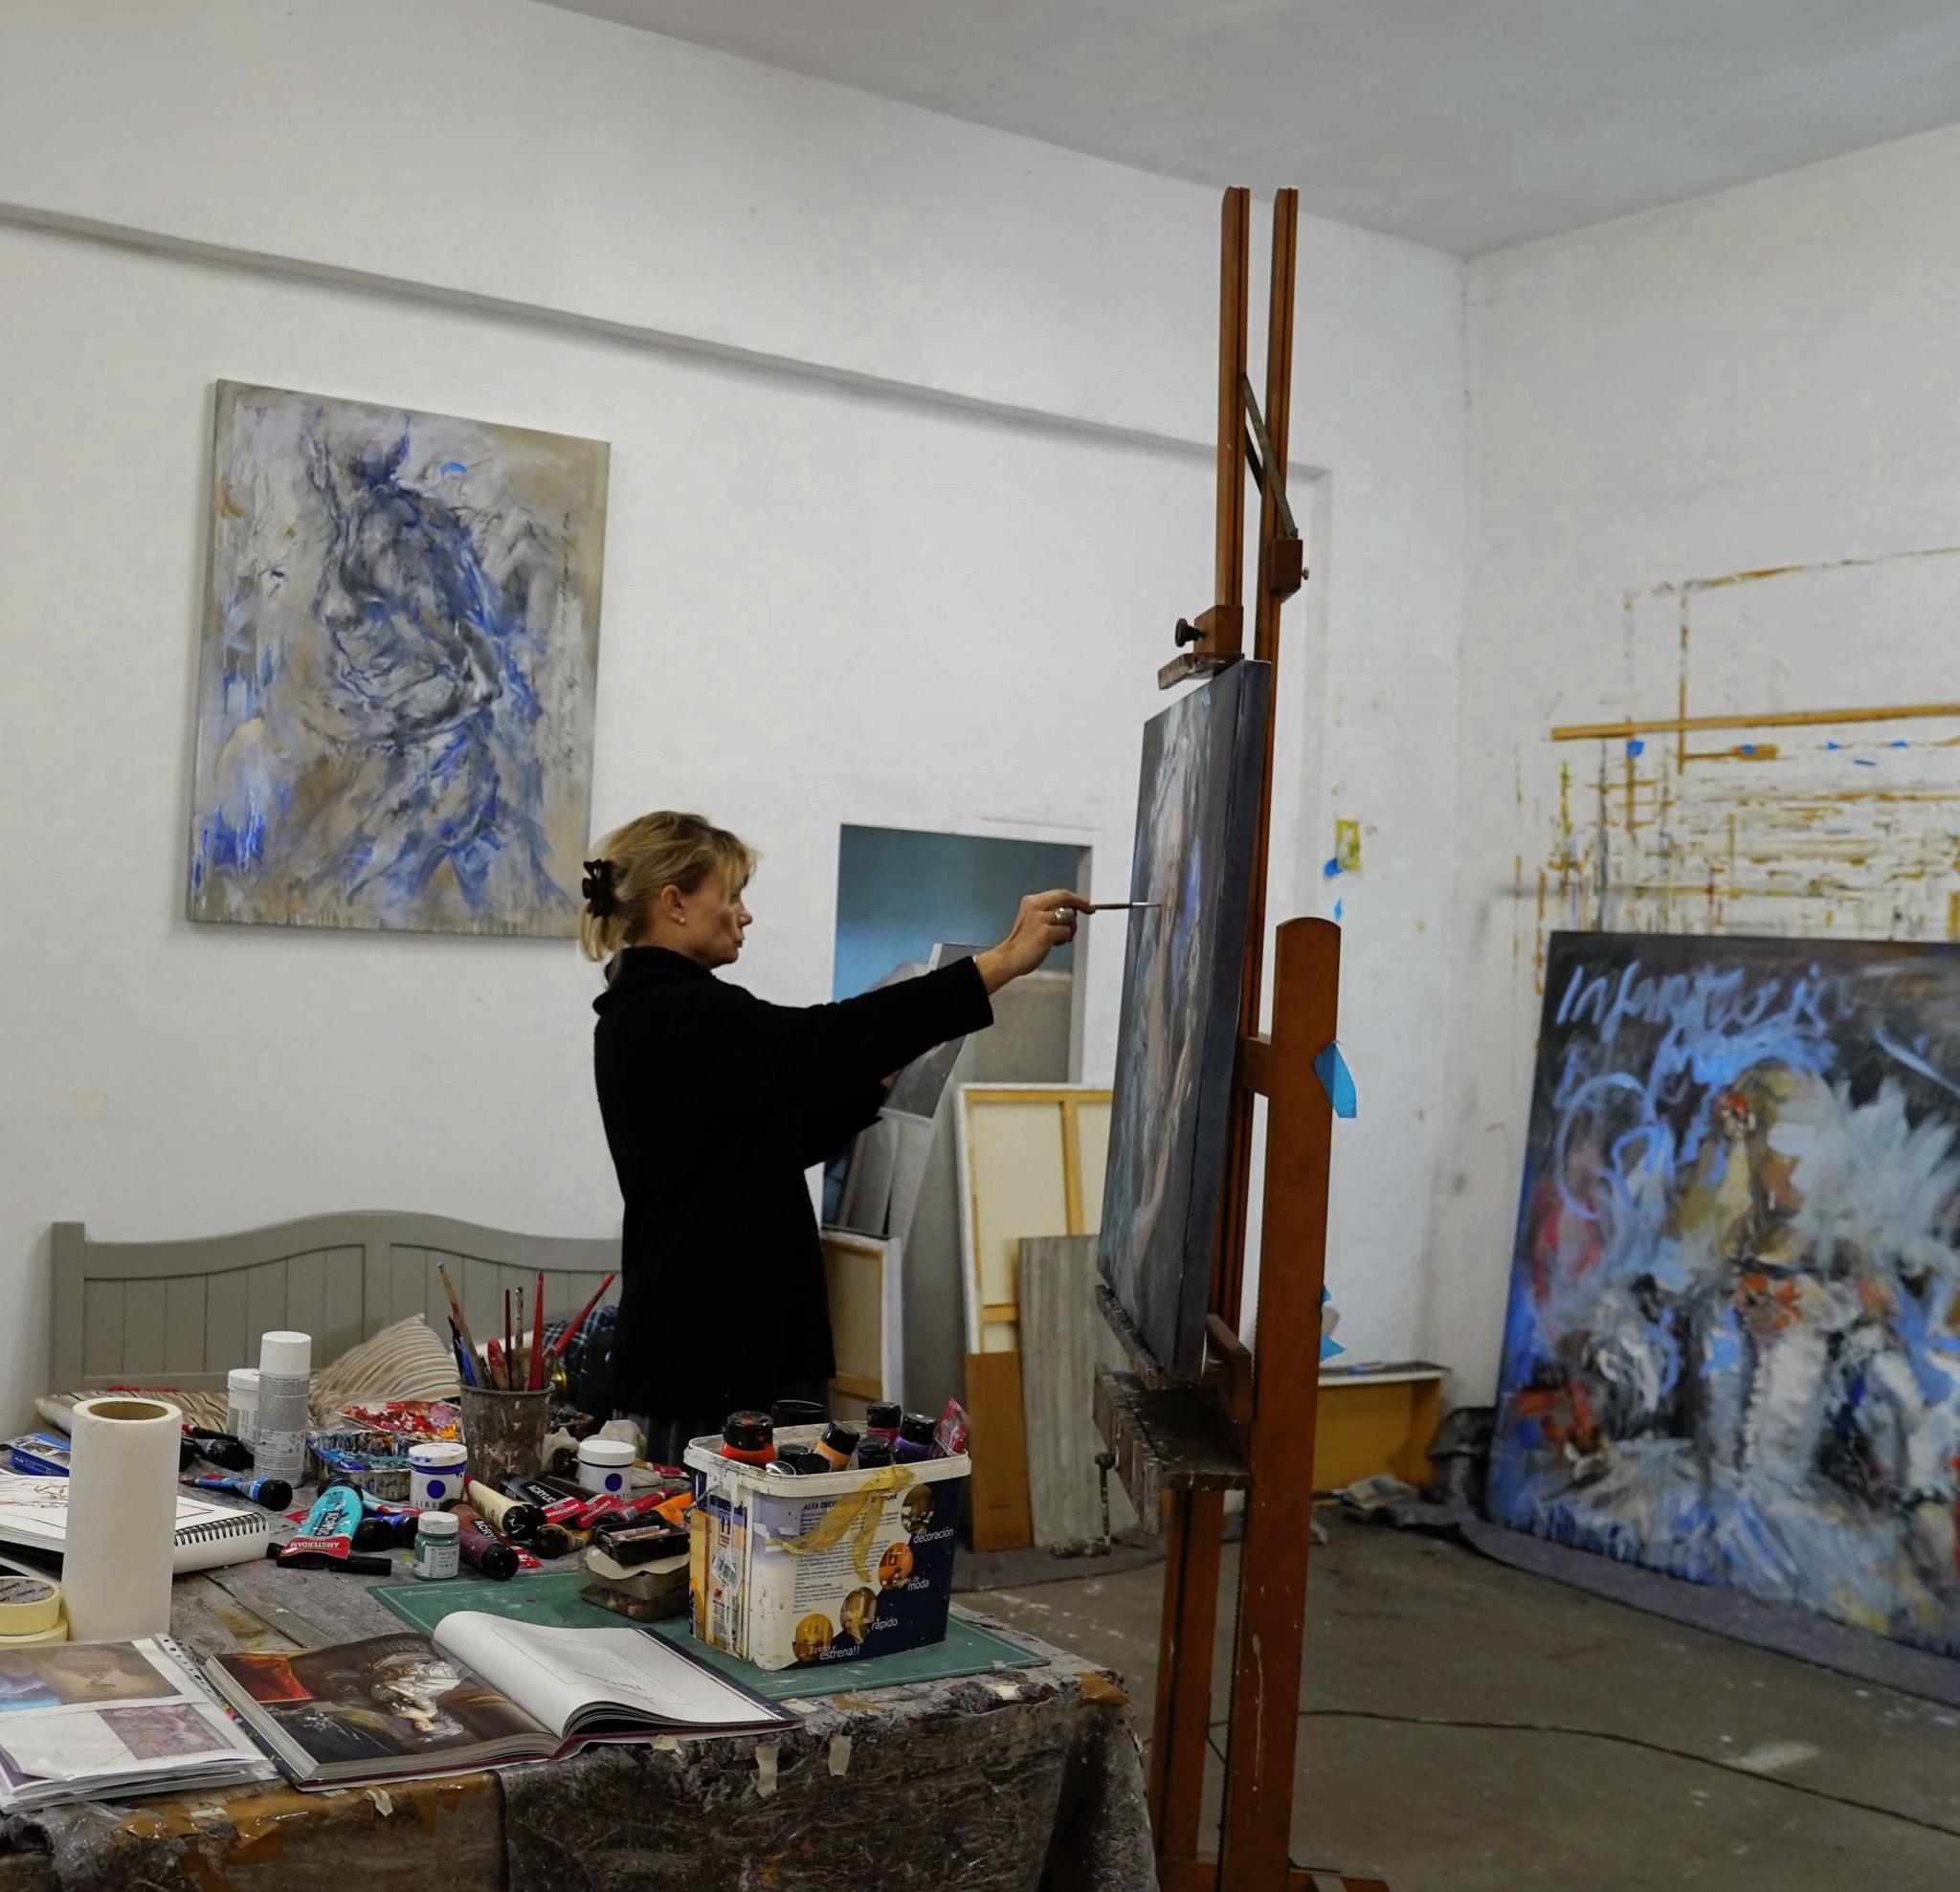 Mandy Racine painting in her studio